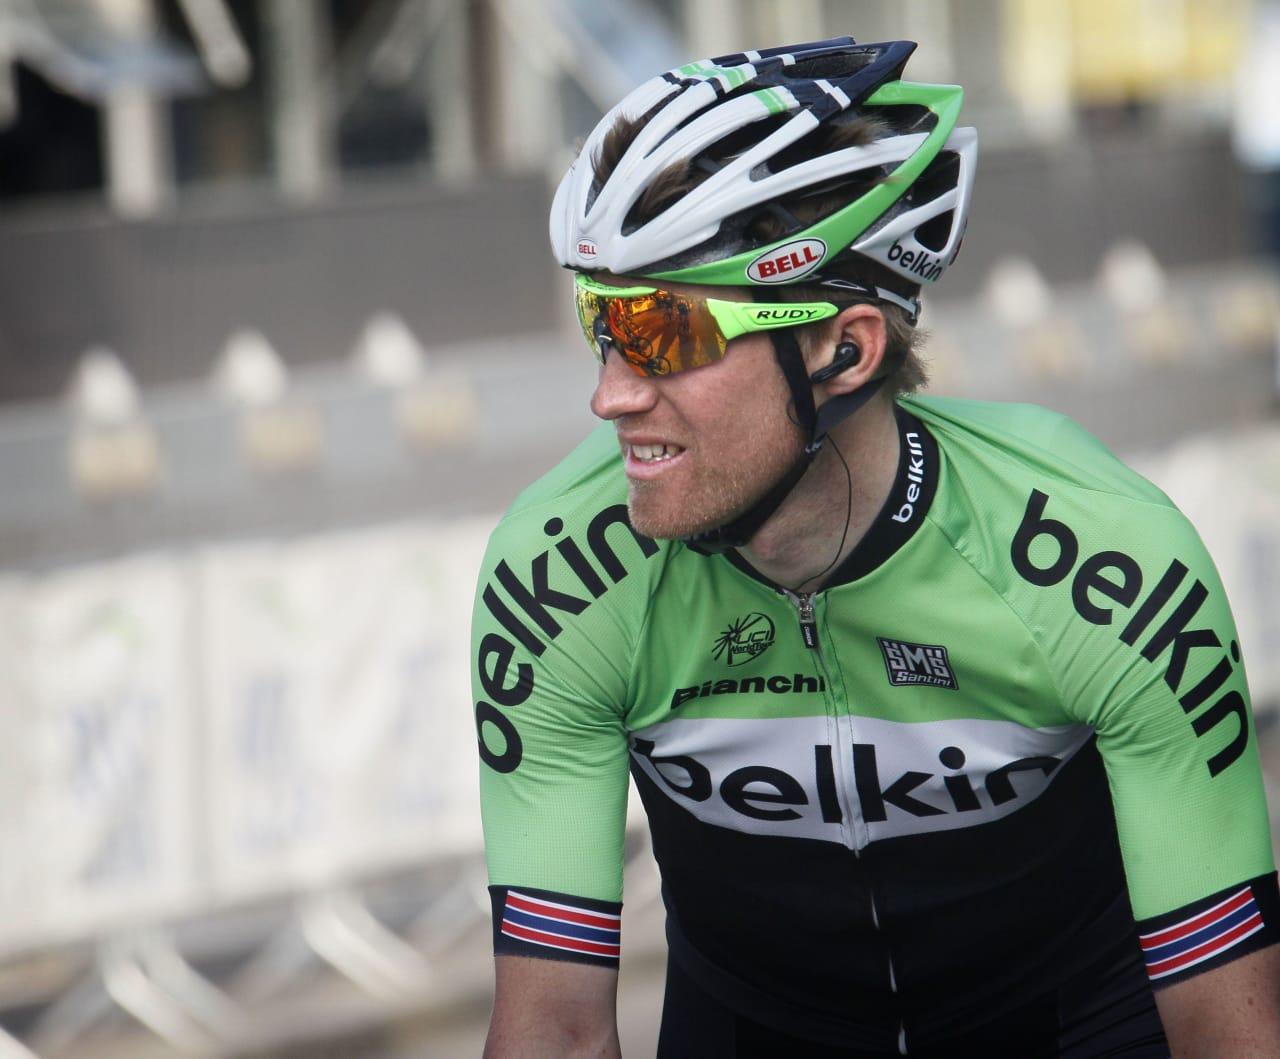 FÅR SVI? Kan Lars Petter Nordhaug miste Tour de France på grunn av norsk statsborgerskap, og hva blir konsekvensene på lang sikt? Foto: Cor Vos.